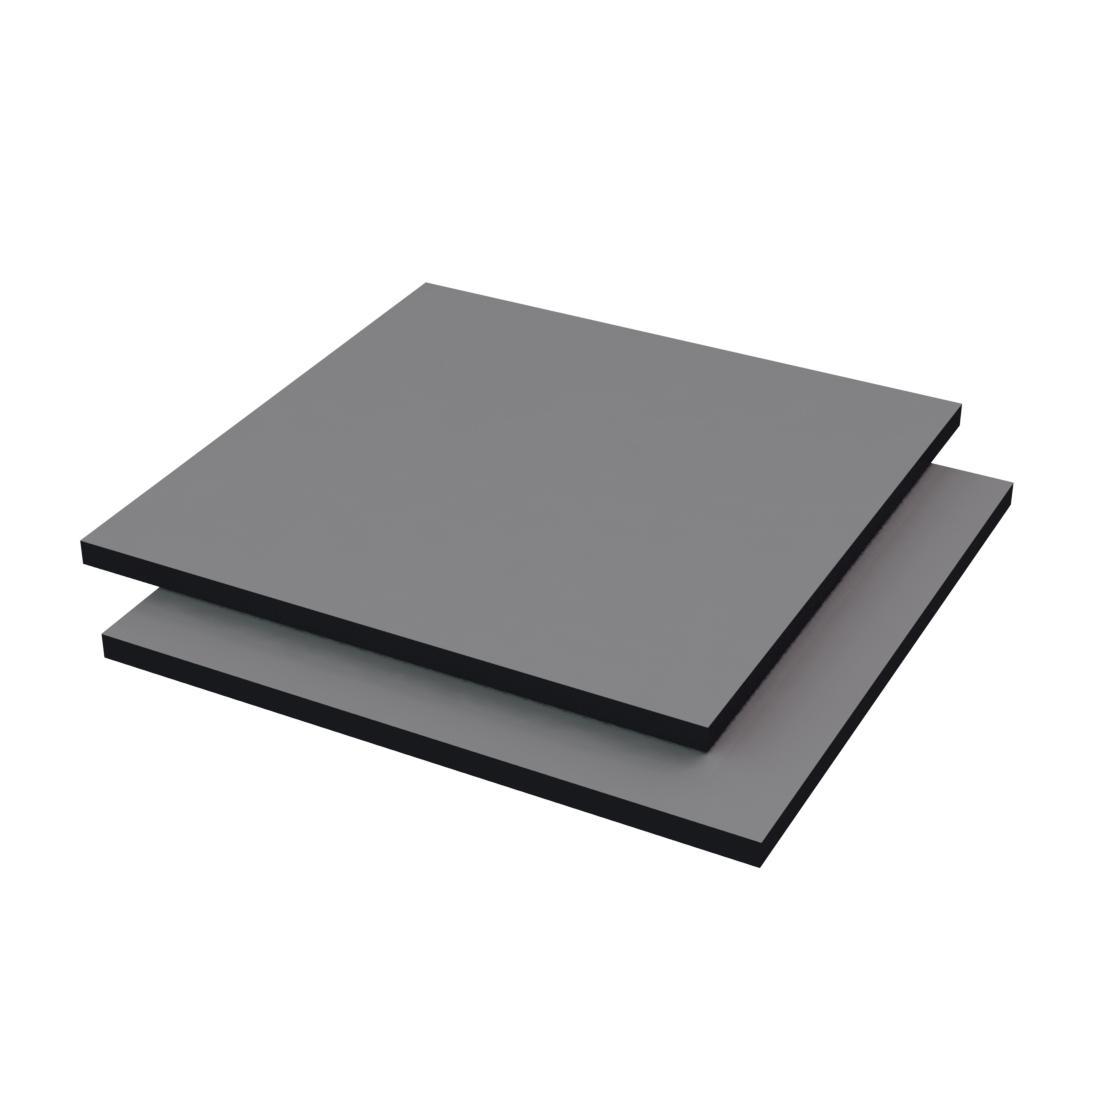 Kronoplan Kronoart HPL Plaat DZ Slate grey 0171bs 2800x2040x6mm